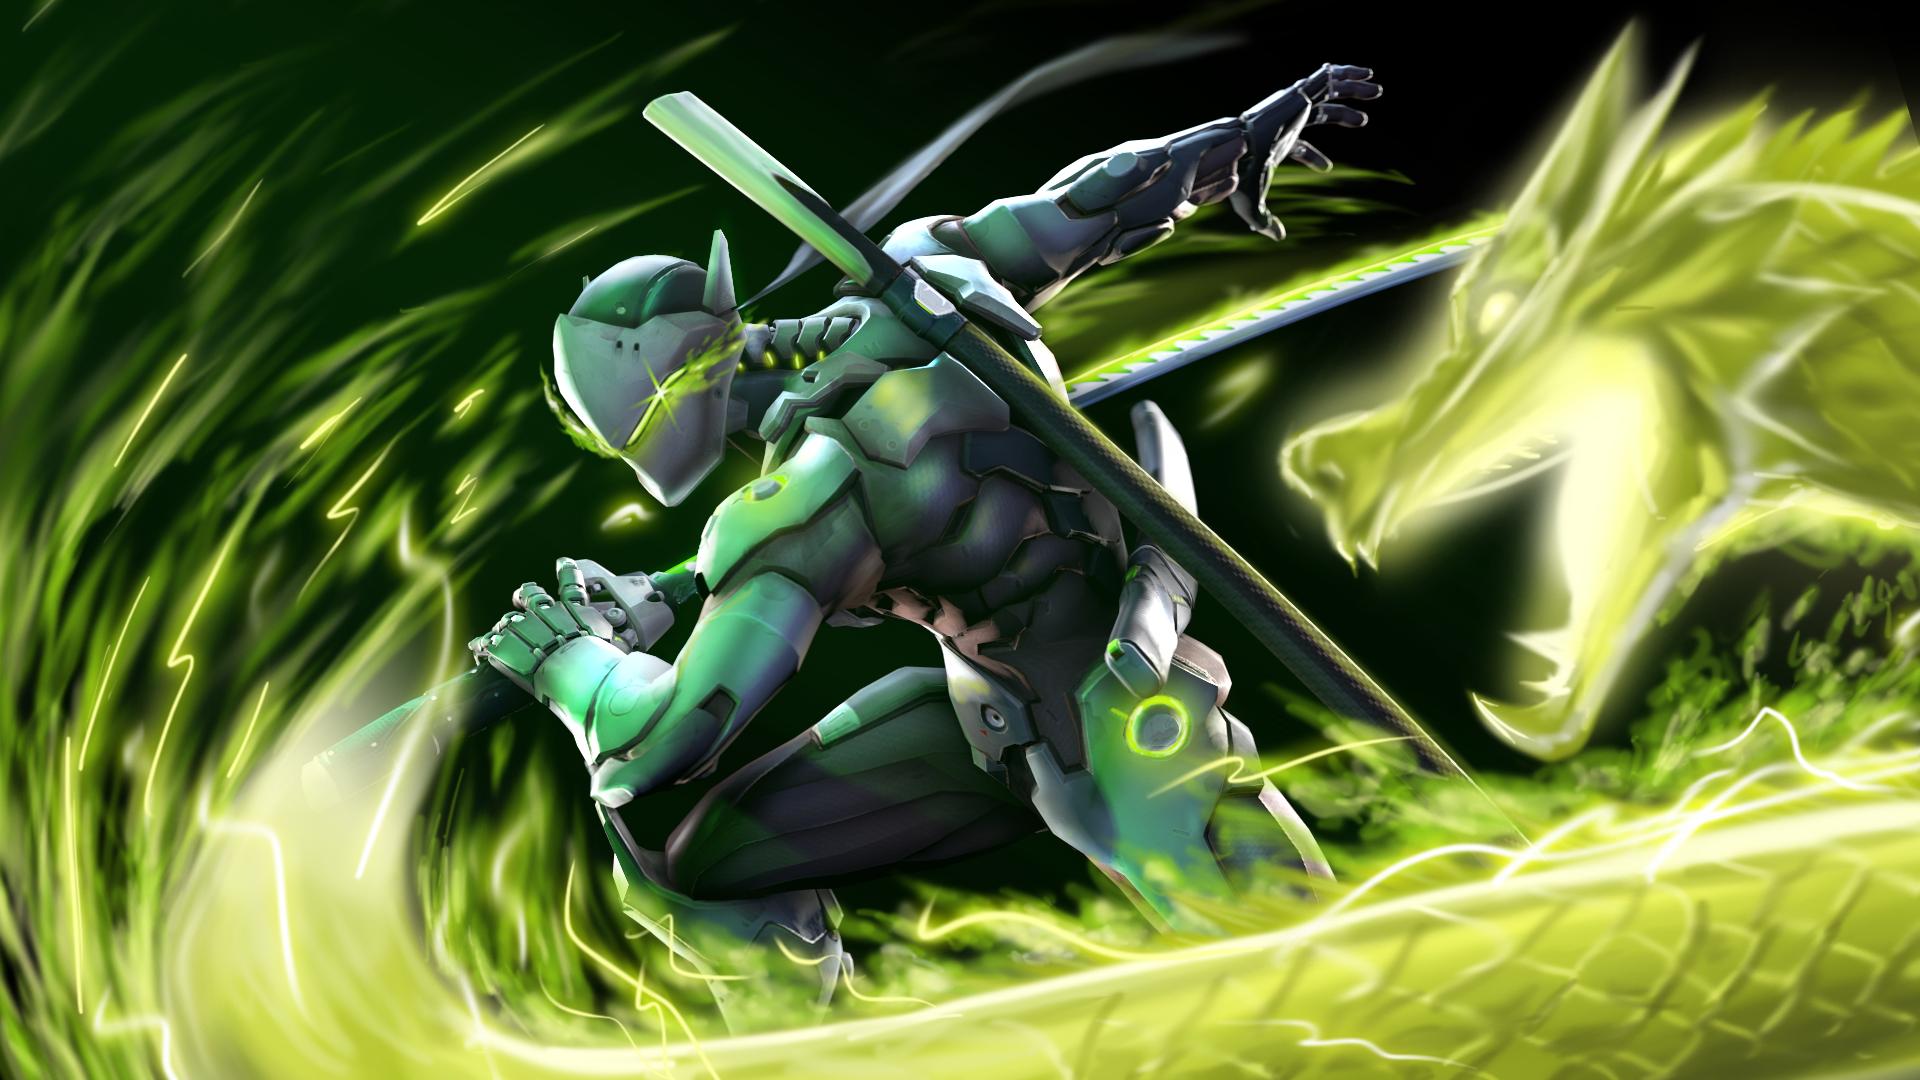 Genji - Overwatch by Chaepae